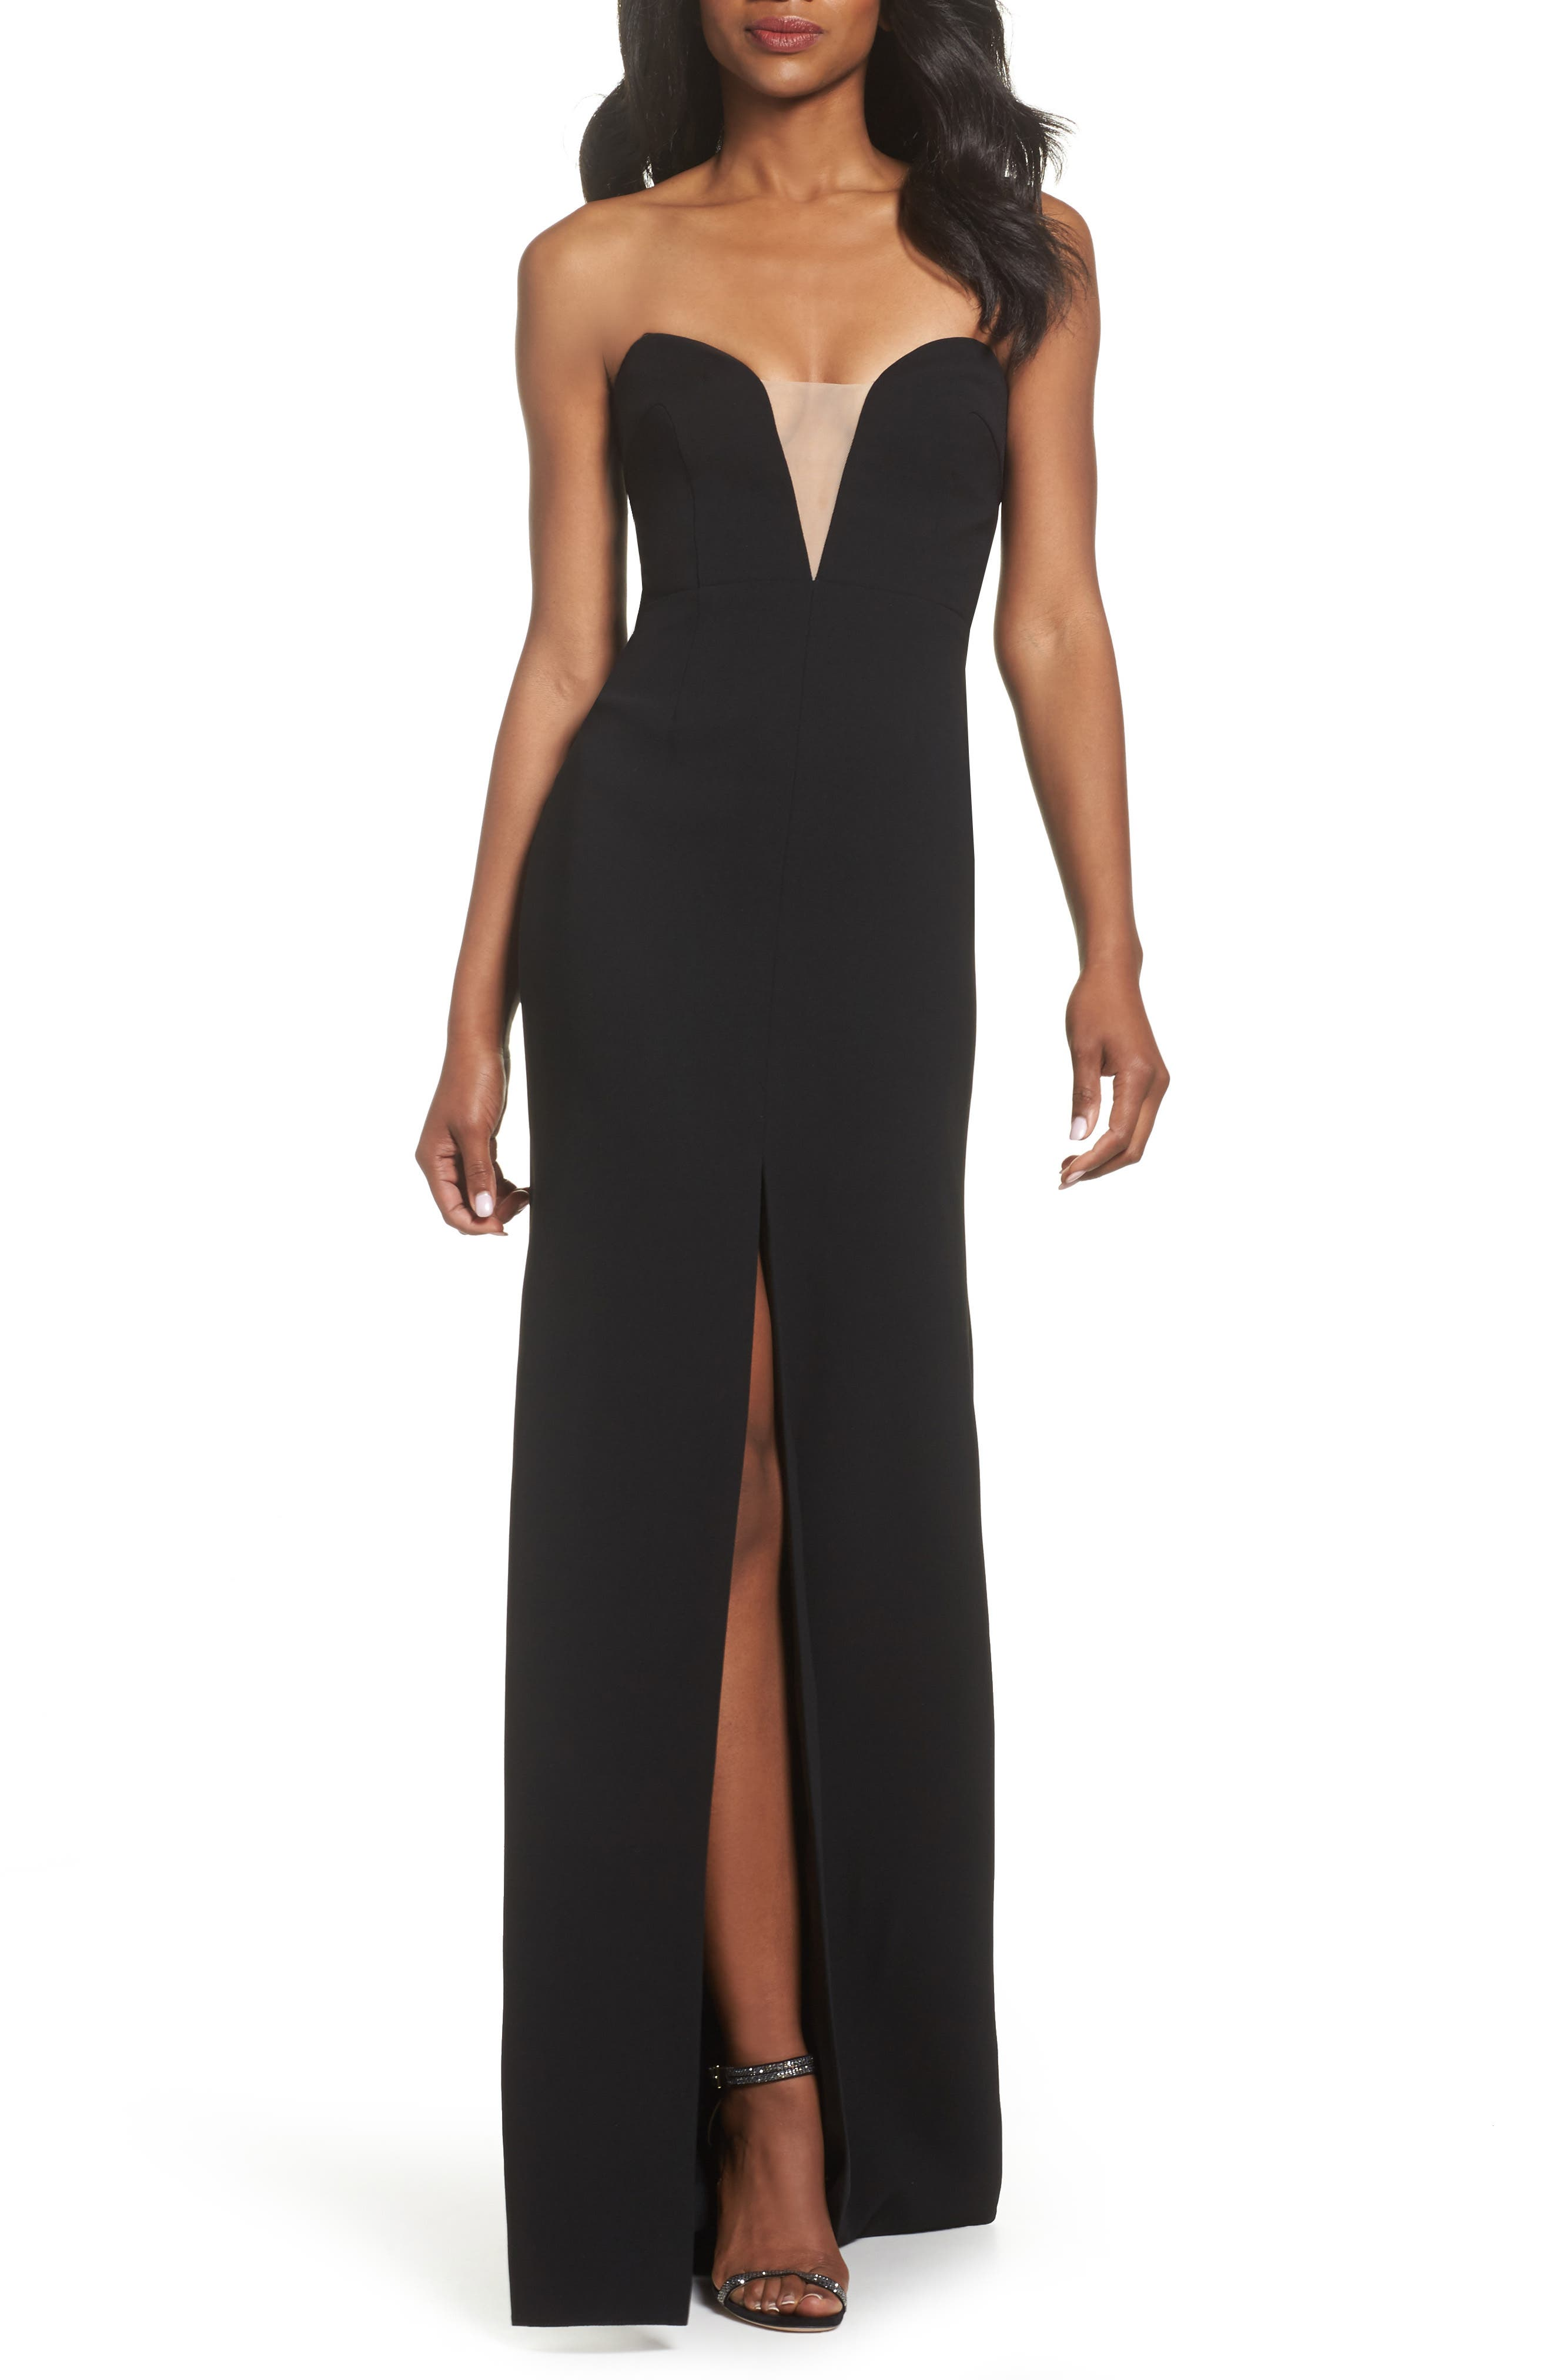 Jill Jill Stuart Illusion Inset Strapless Gown